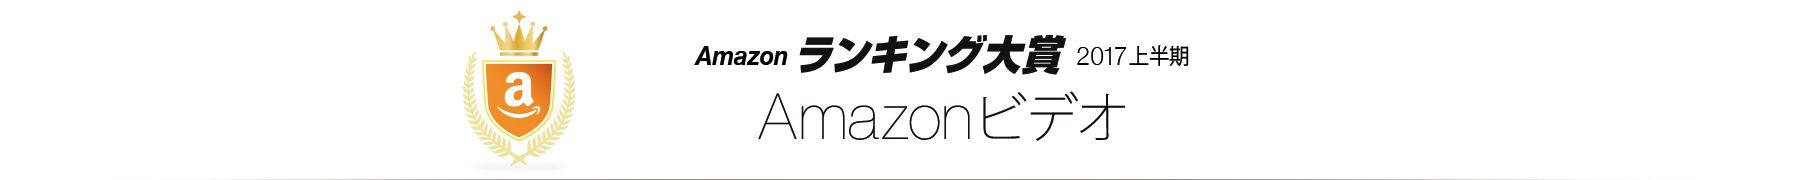 Amazonランキング大賞2017上半期  Amazonビデオ(プライム・ビデオ、レンタル・購入)